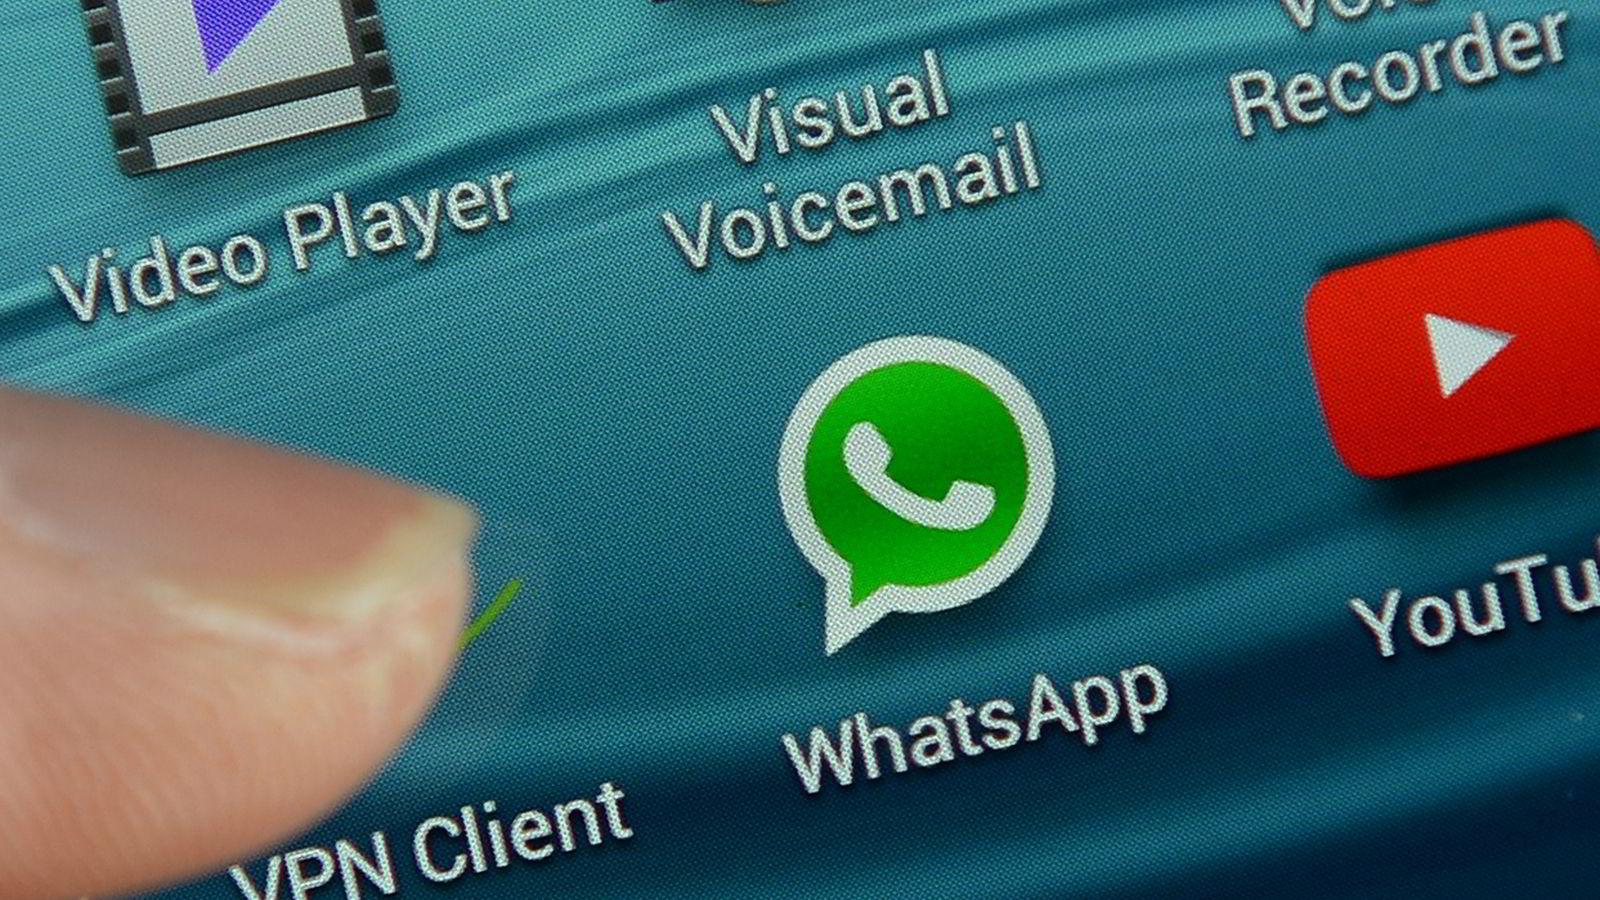 Funksjonene til stadig flere apper vil forsvinne inn i instant messaging-apper som WhatsApp, mener Bjørn Olstad. Illustrasjonsfoto: